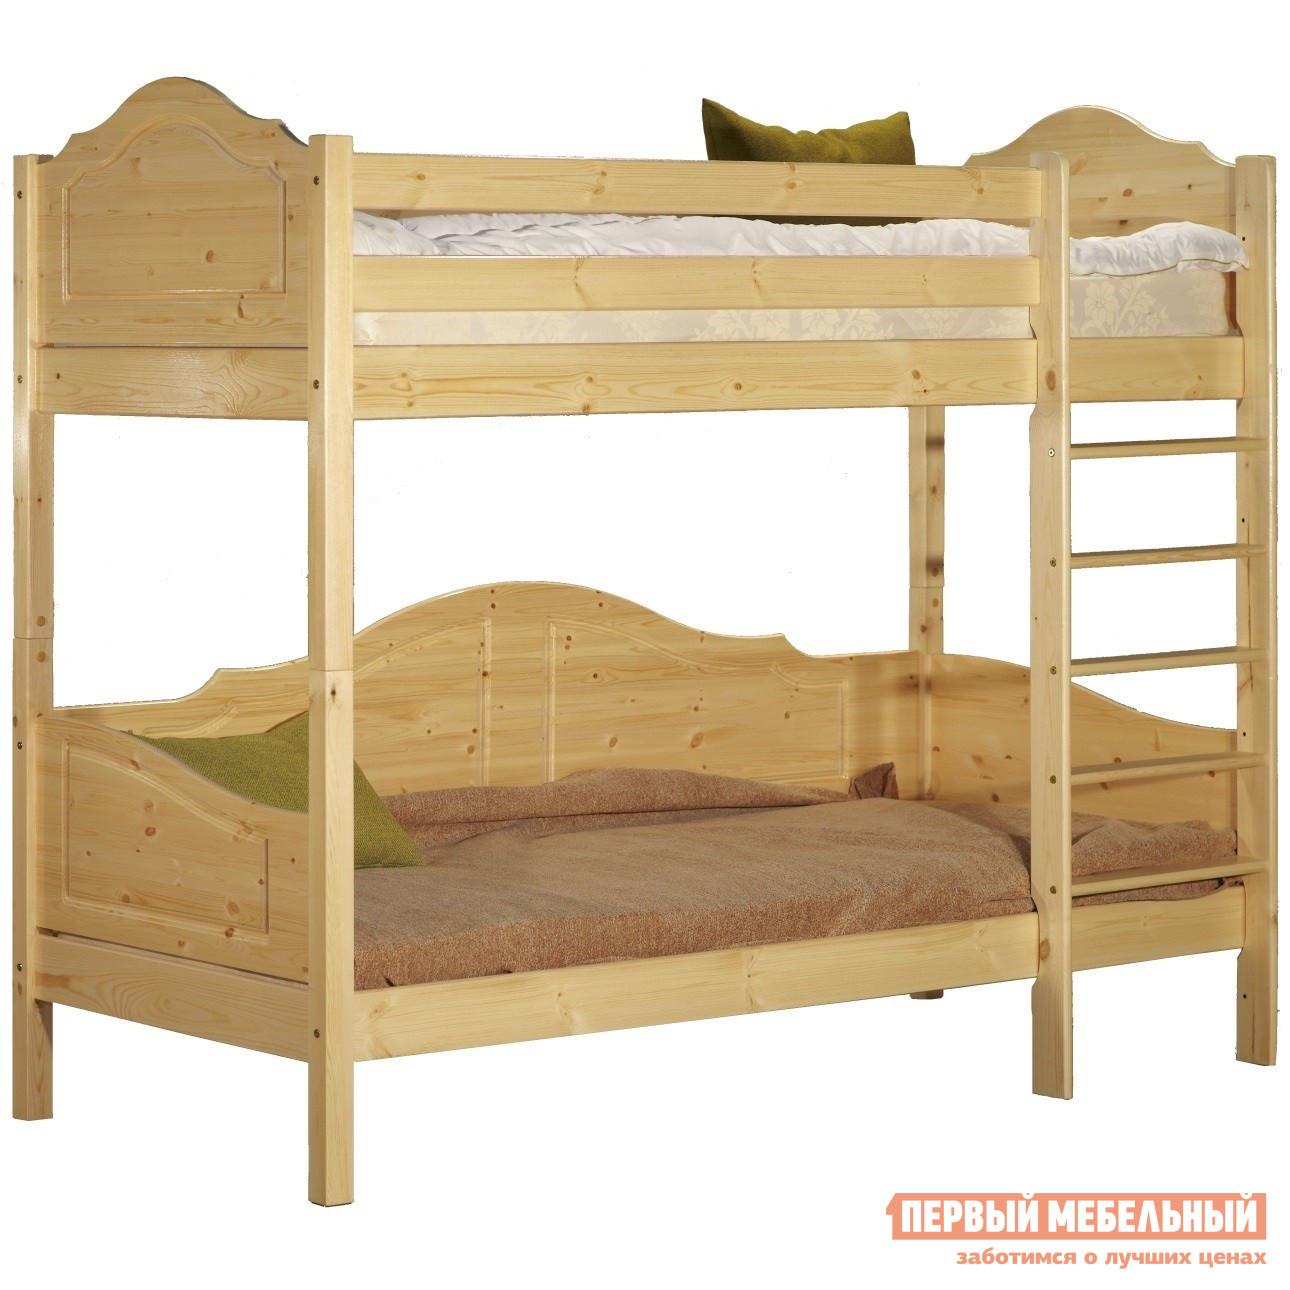 Двухъярусная кровать Timberica Кровать 2-ярусная Кая (K3) кровать полуторка timberica эрика